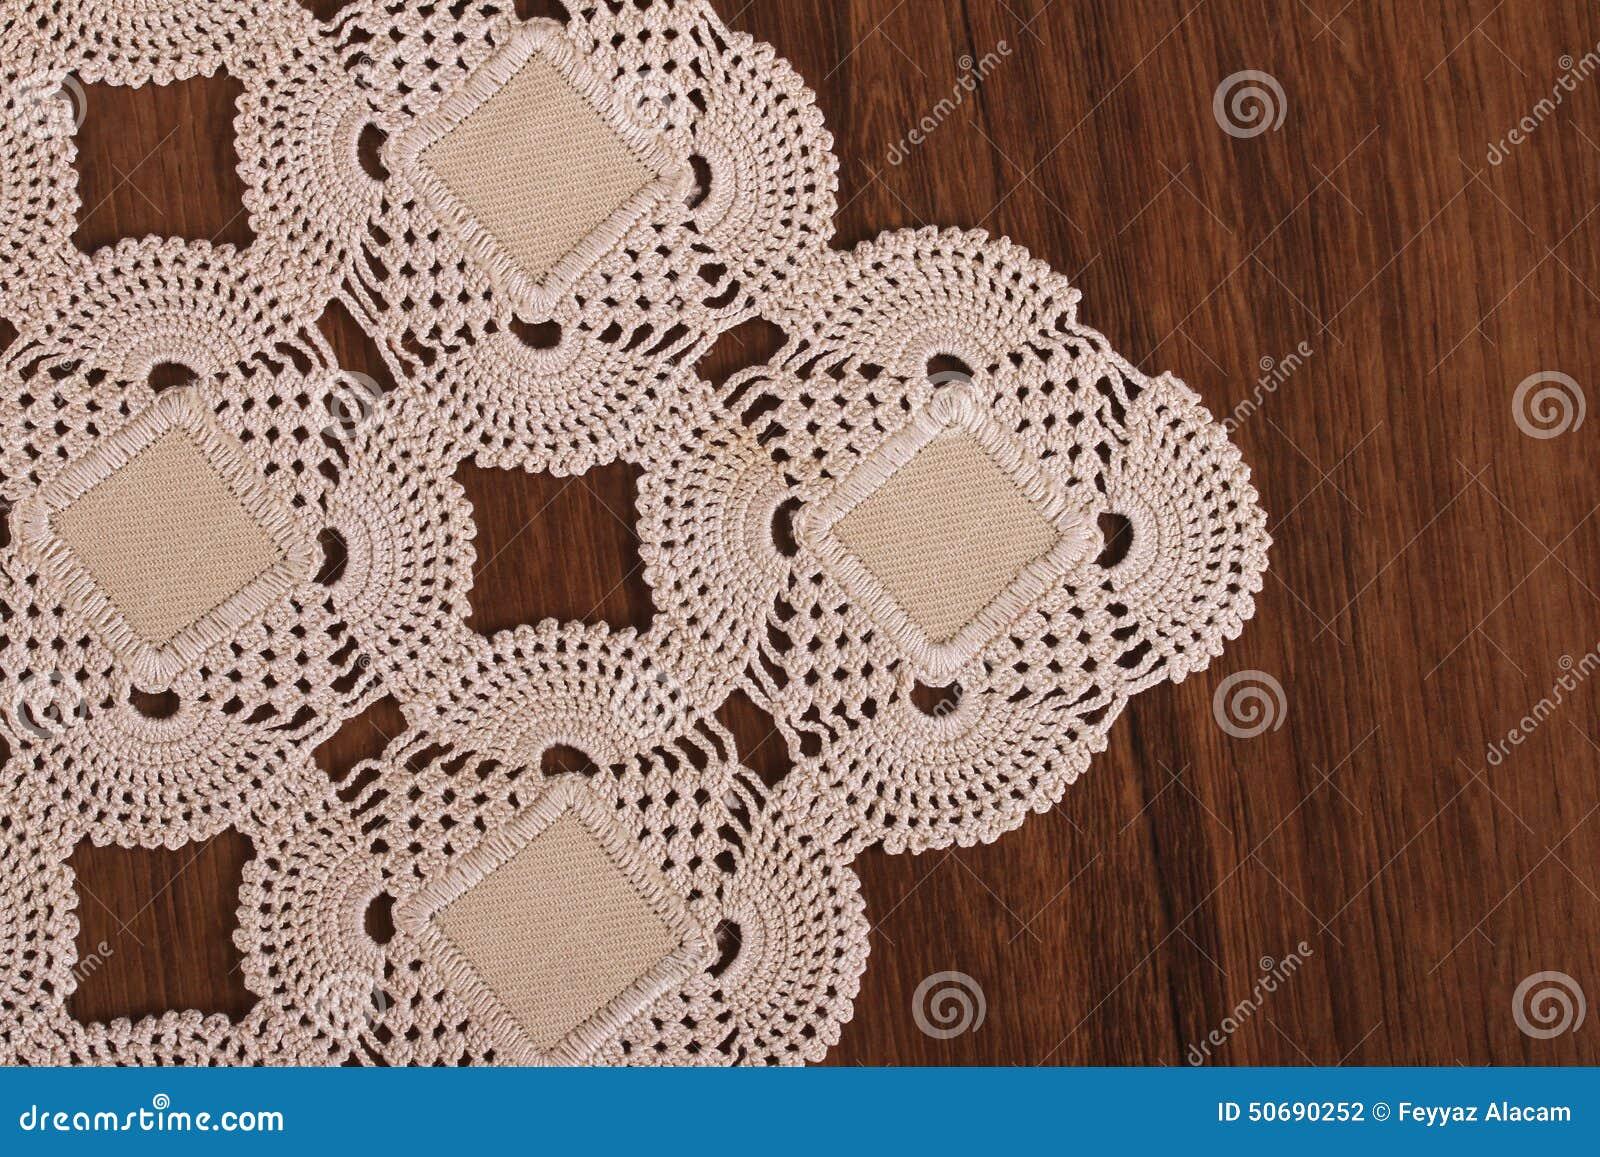 Download 在木头的手工制造鞋带 库存照片. 图片 包括有 对象, 钩针编织, 桌布, 手工制造, 花卉, 鞋带, 模式 - 50690252